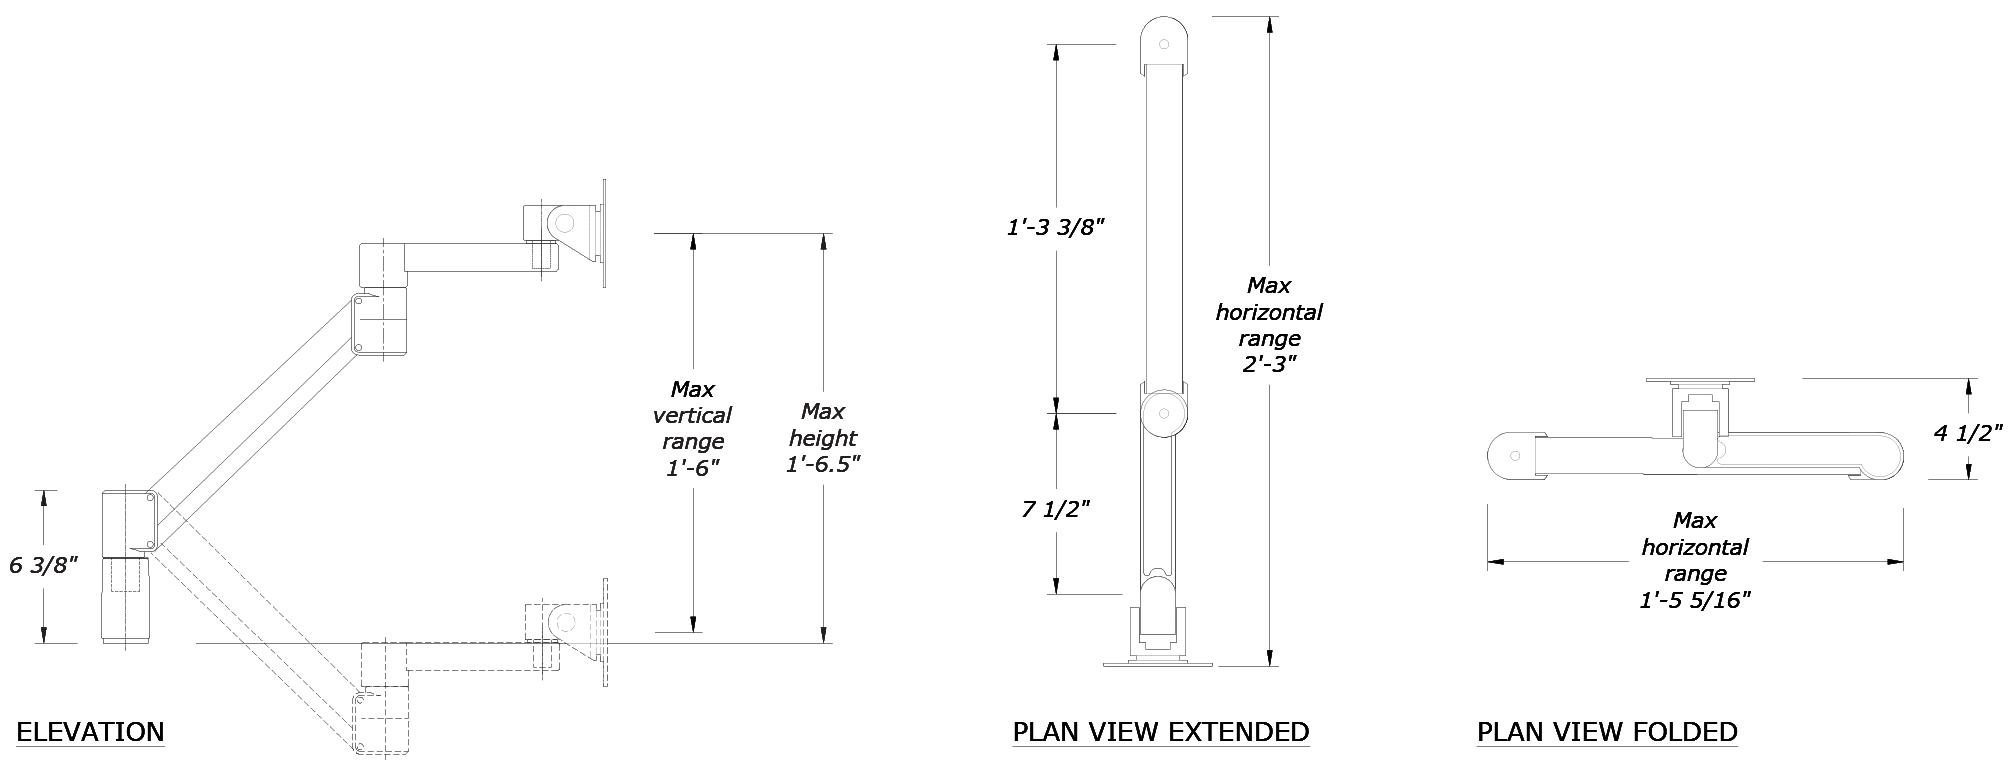 FP-7500 Specs